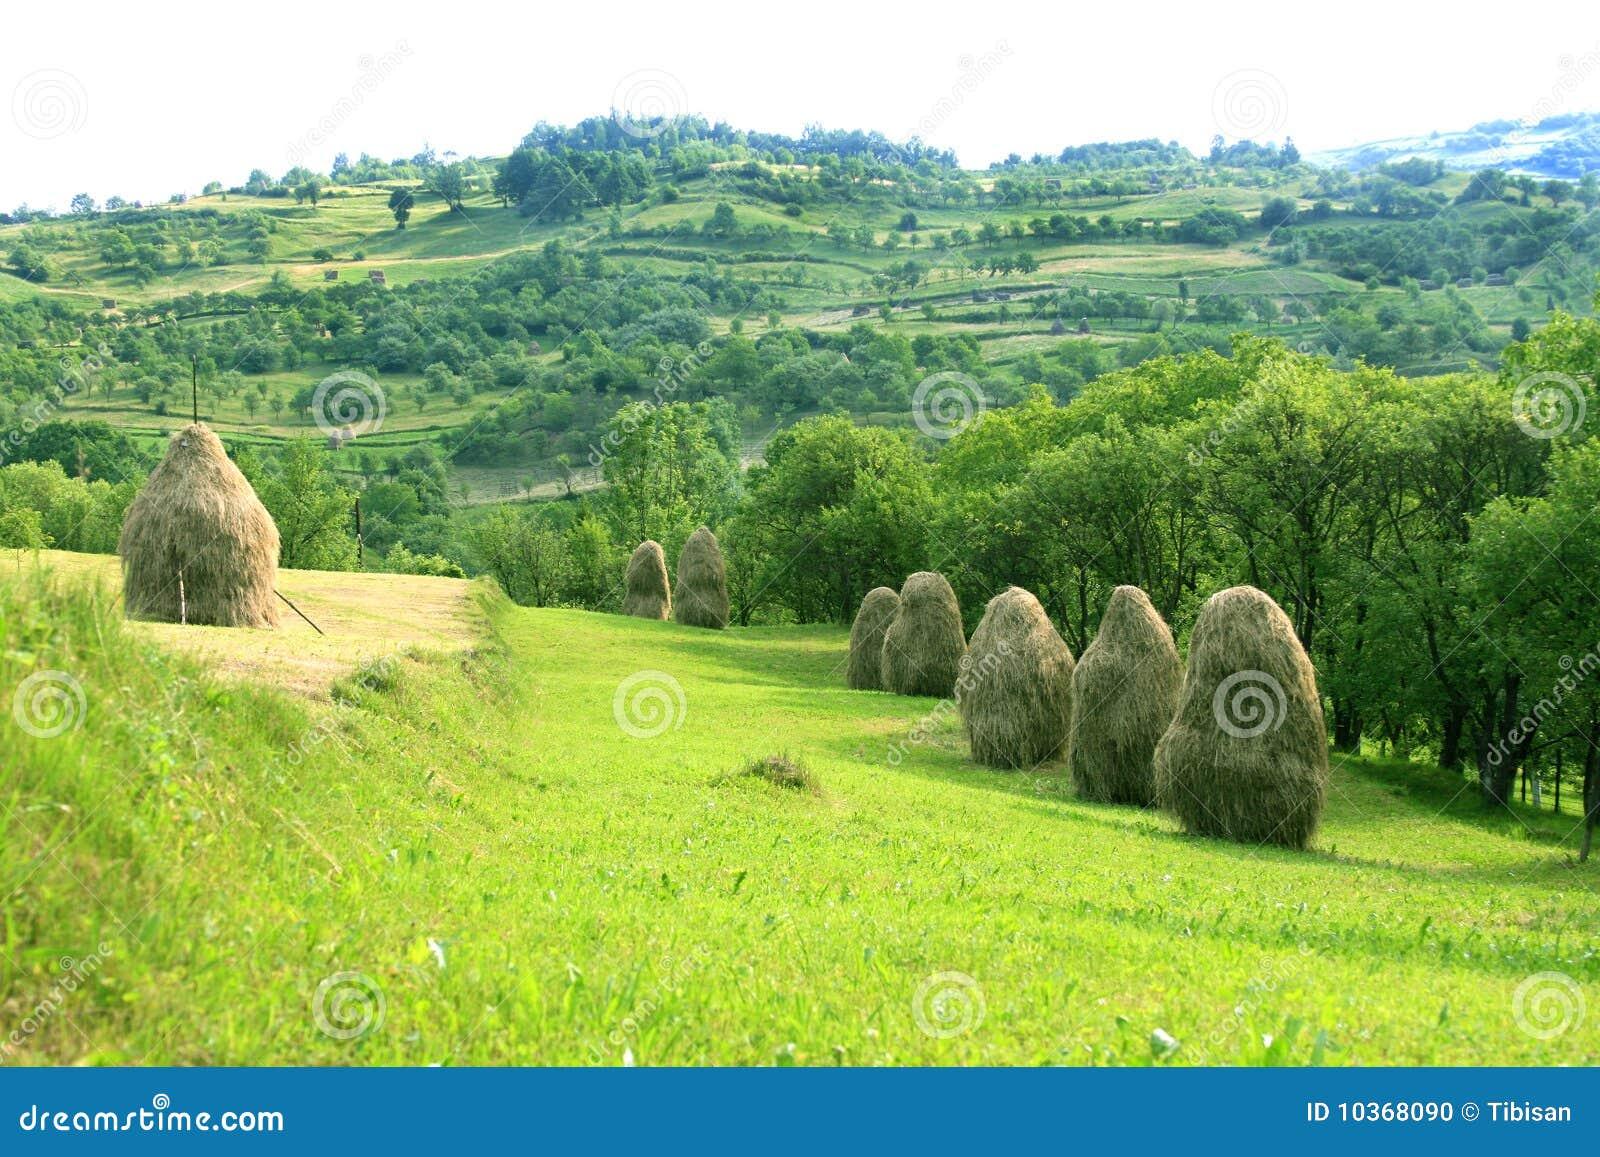 Pastoral landscape maramures romania stock photo for Romania landscape